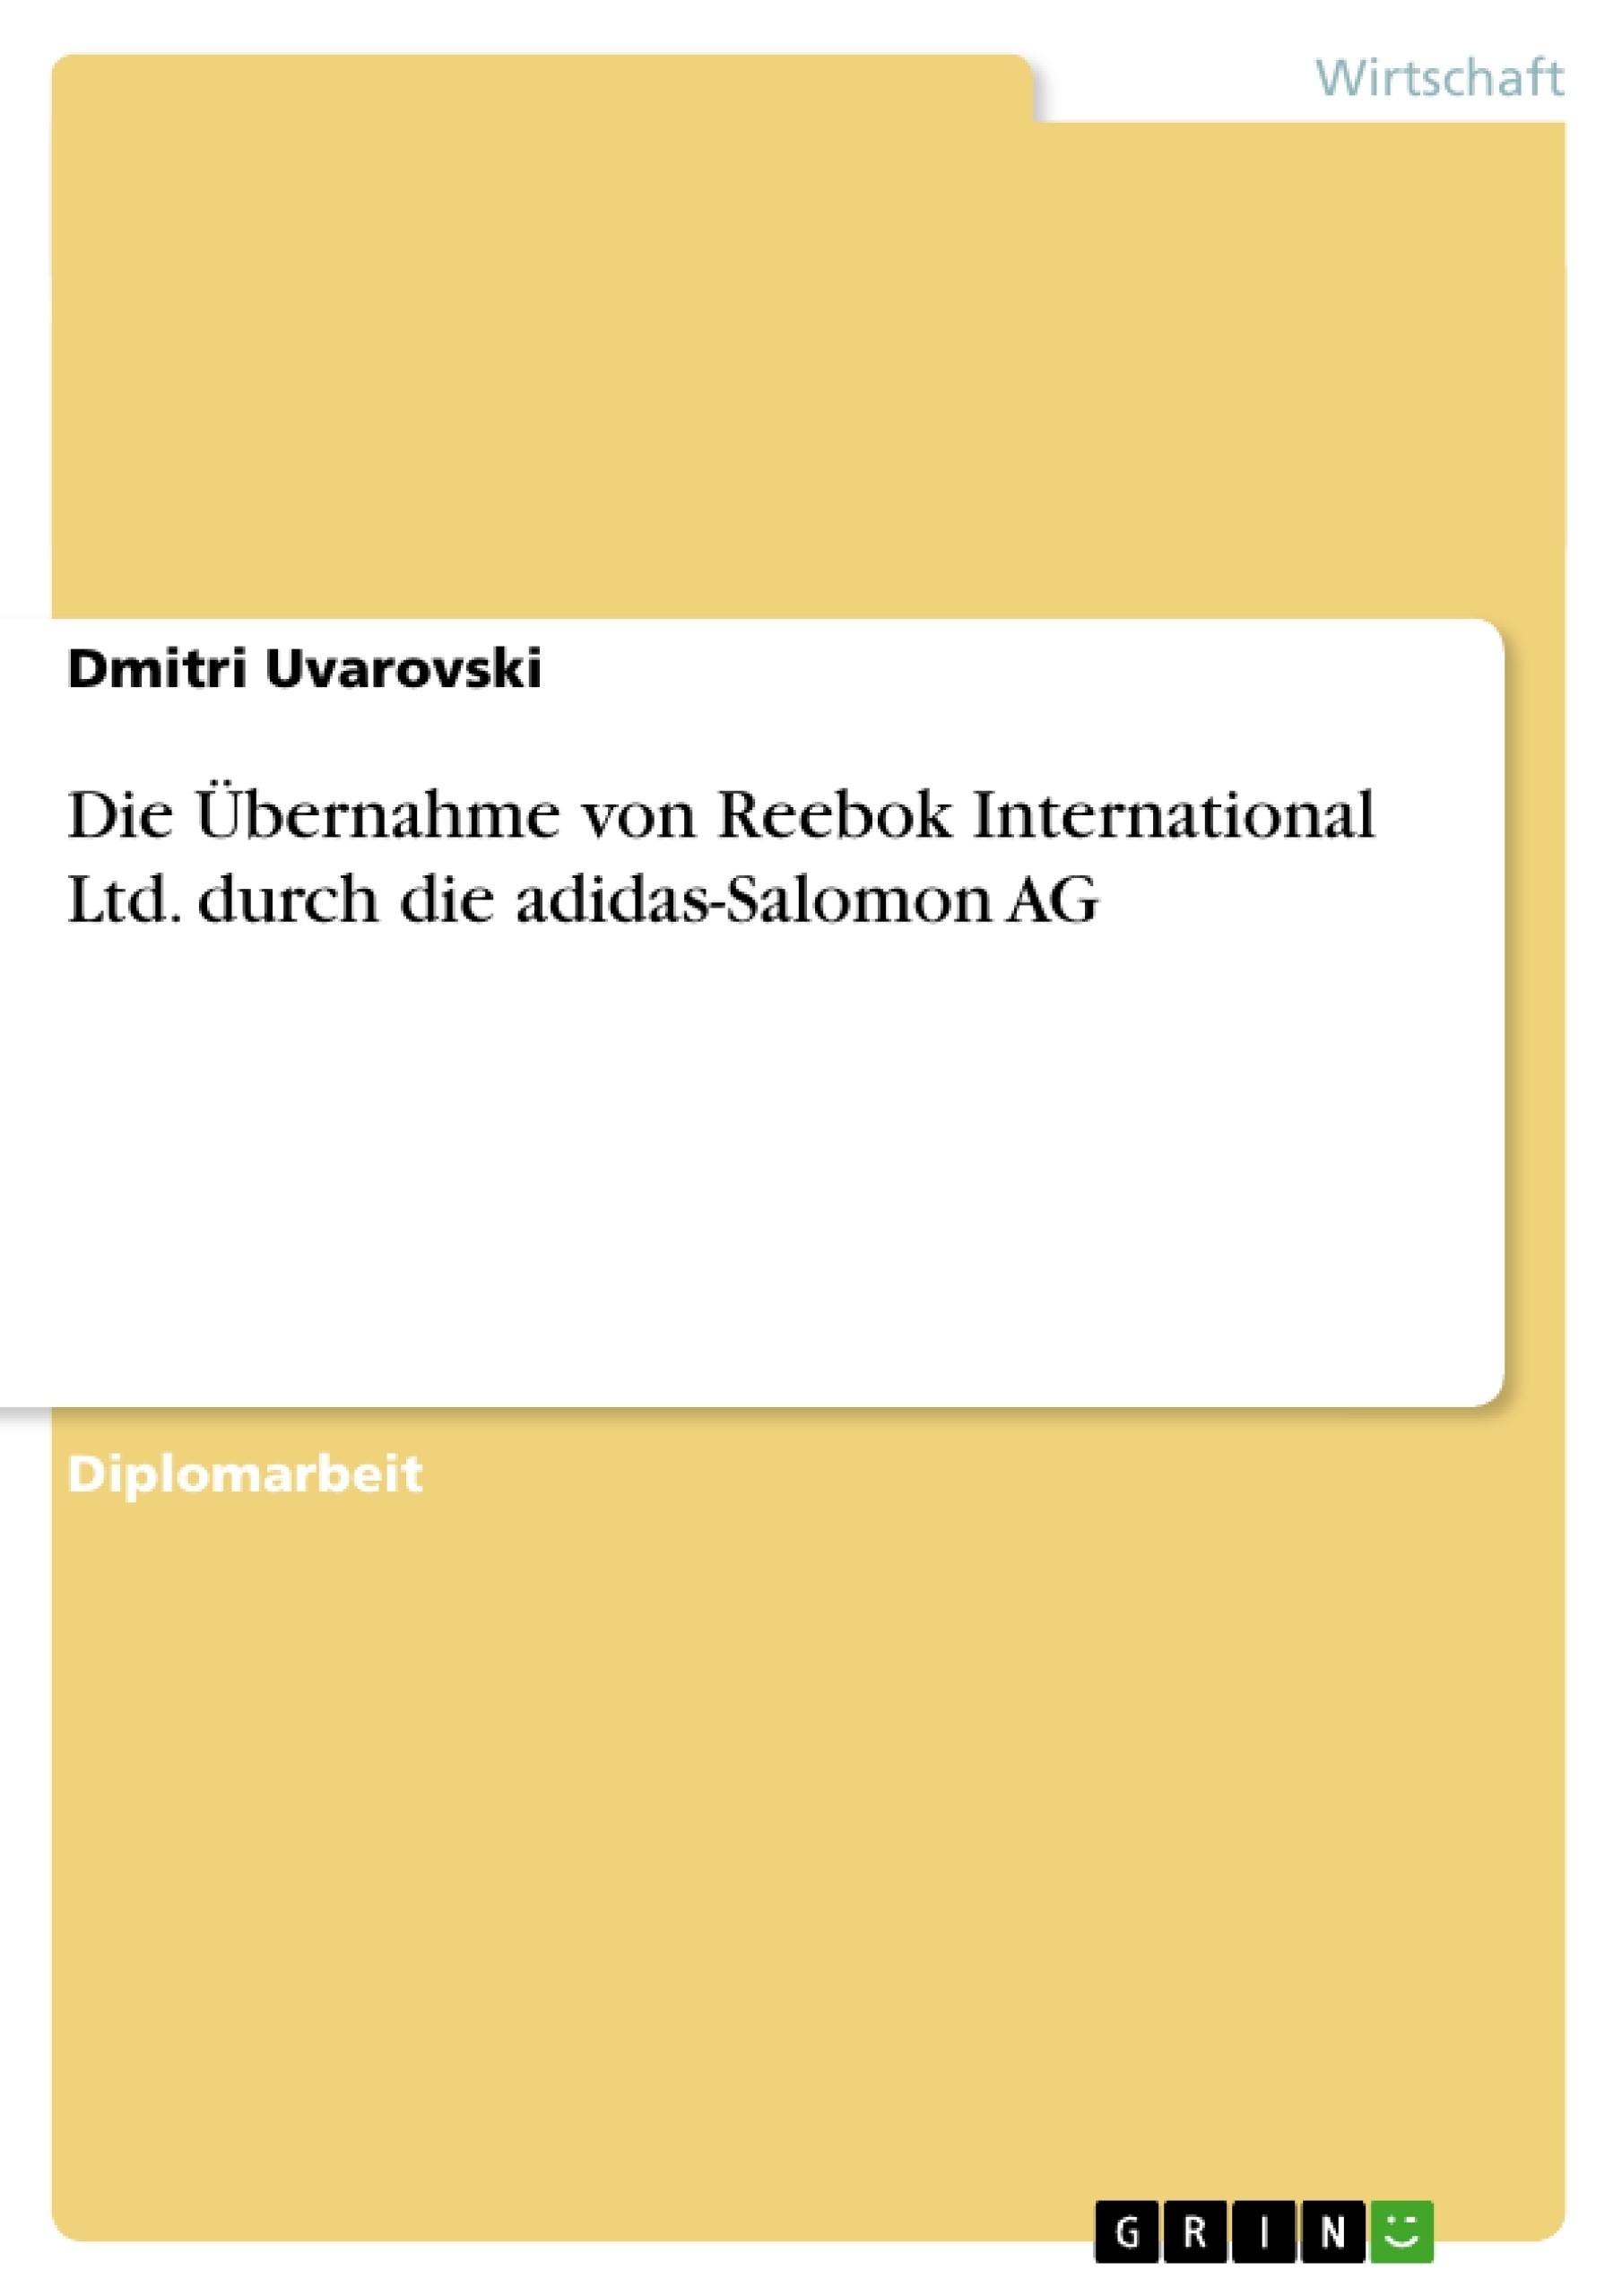 Titel: Die Übernahme von Reebok International Ltd. durch die adidas-Salomon AG